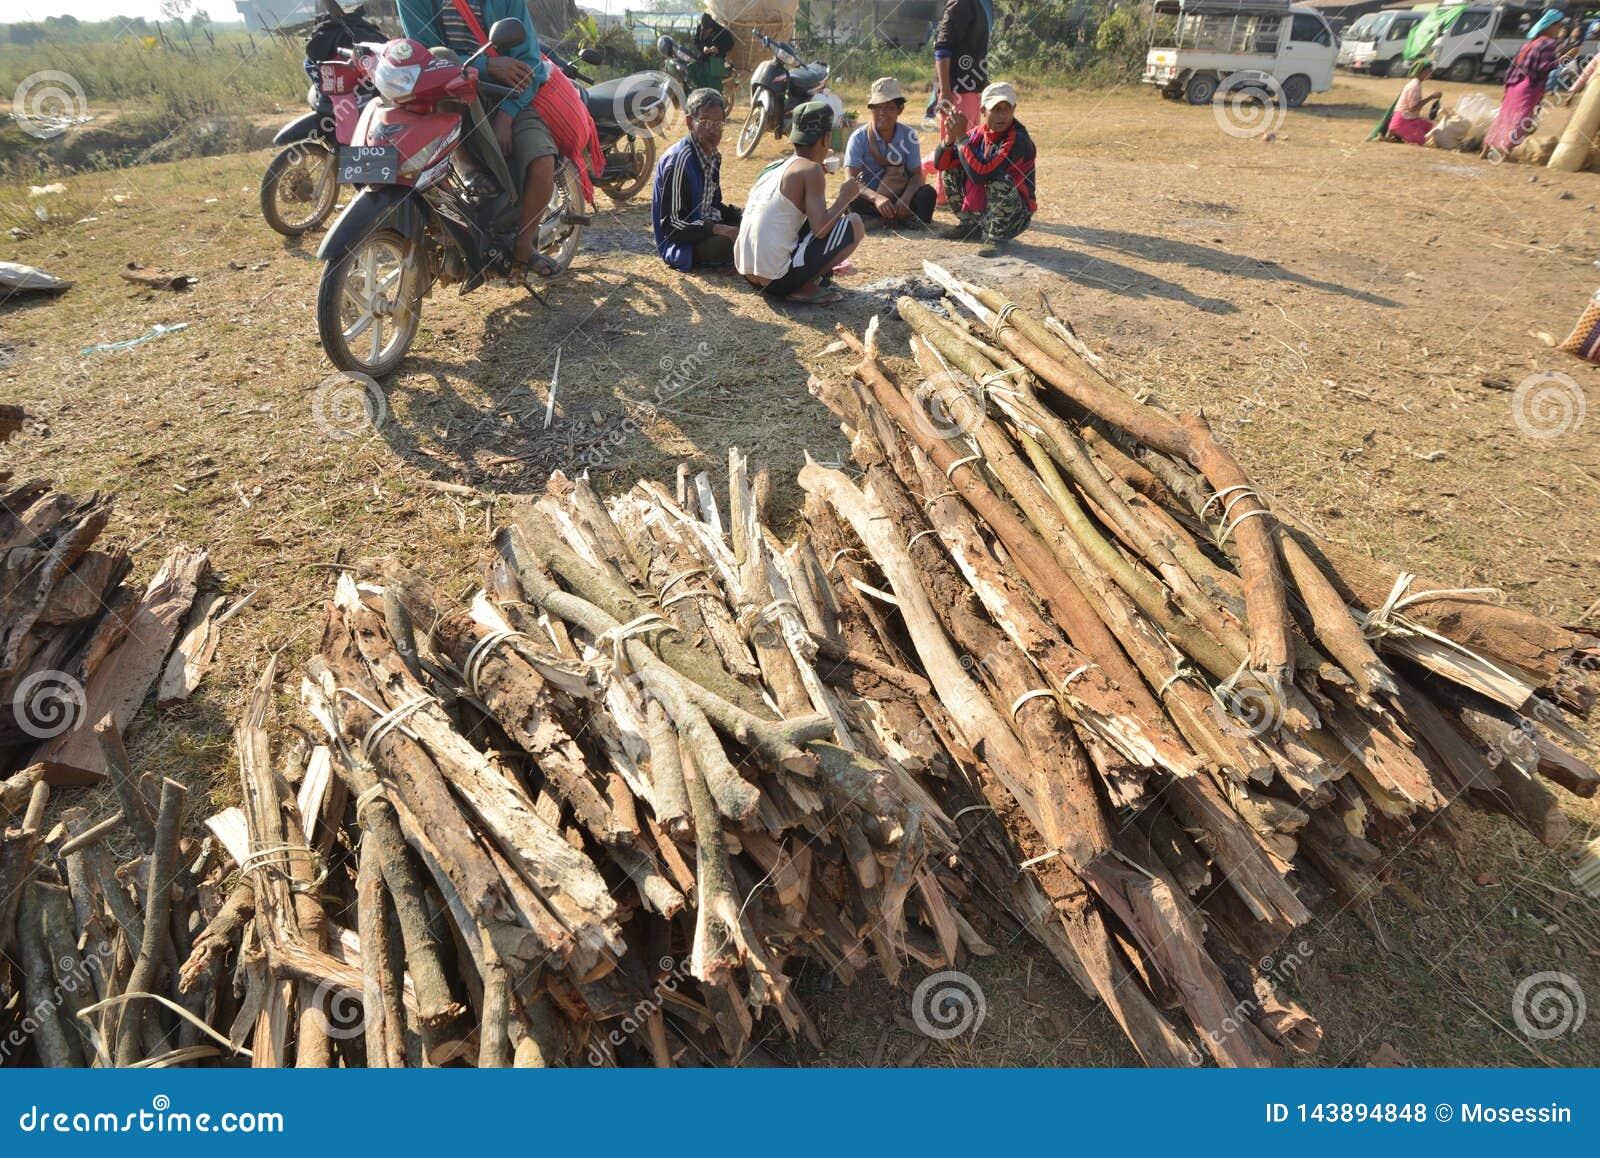 Myanmar Bagan wood tree inventory market